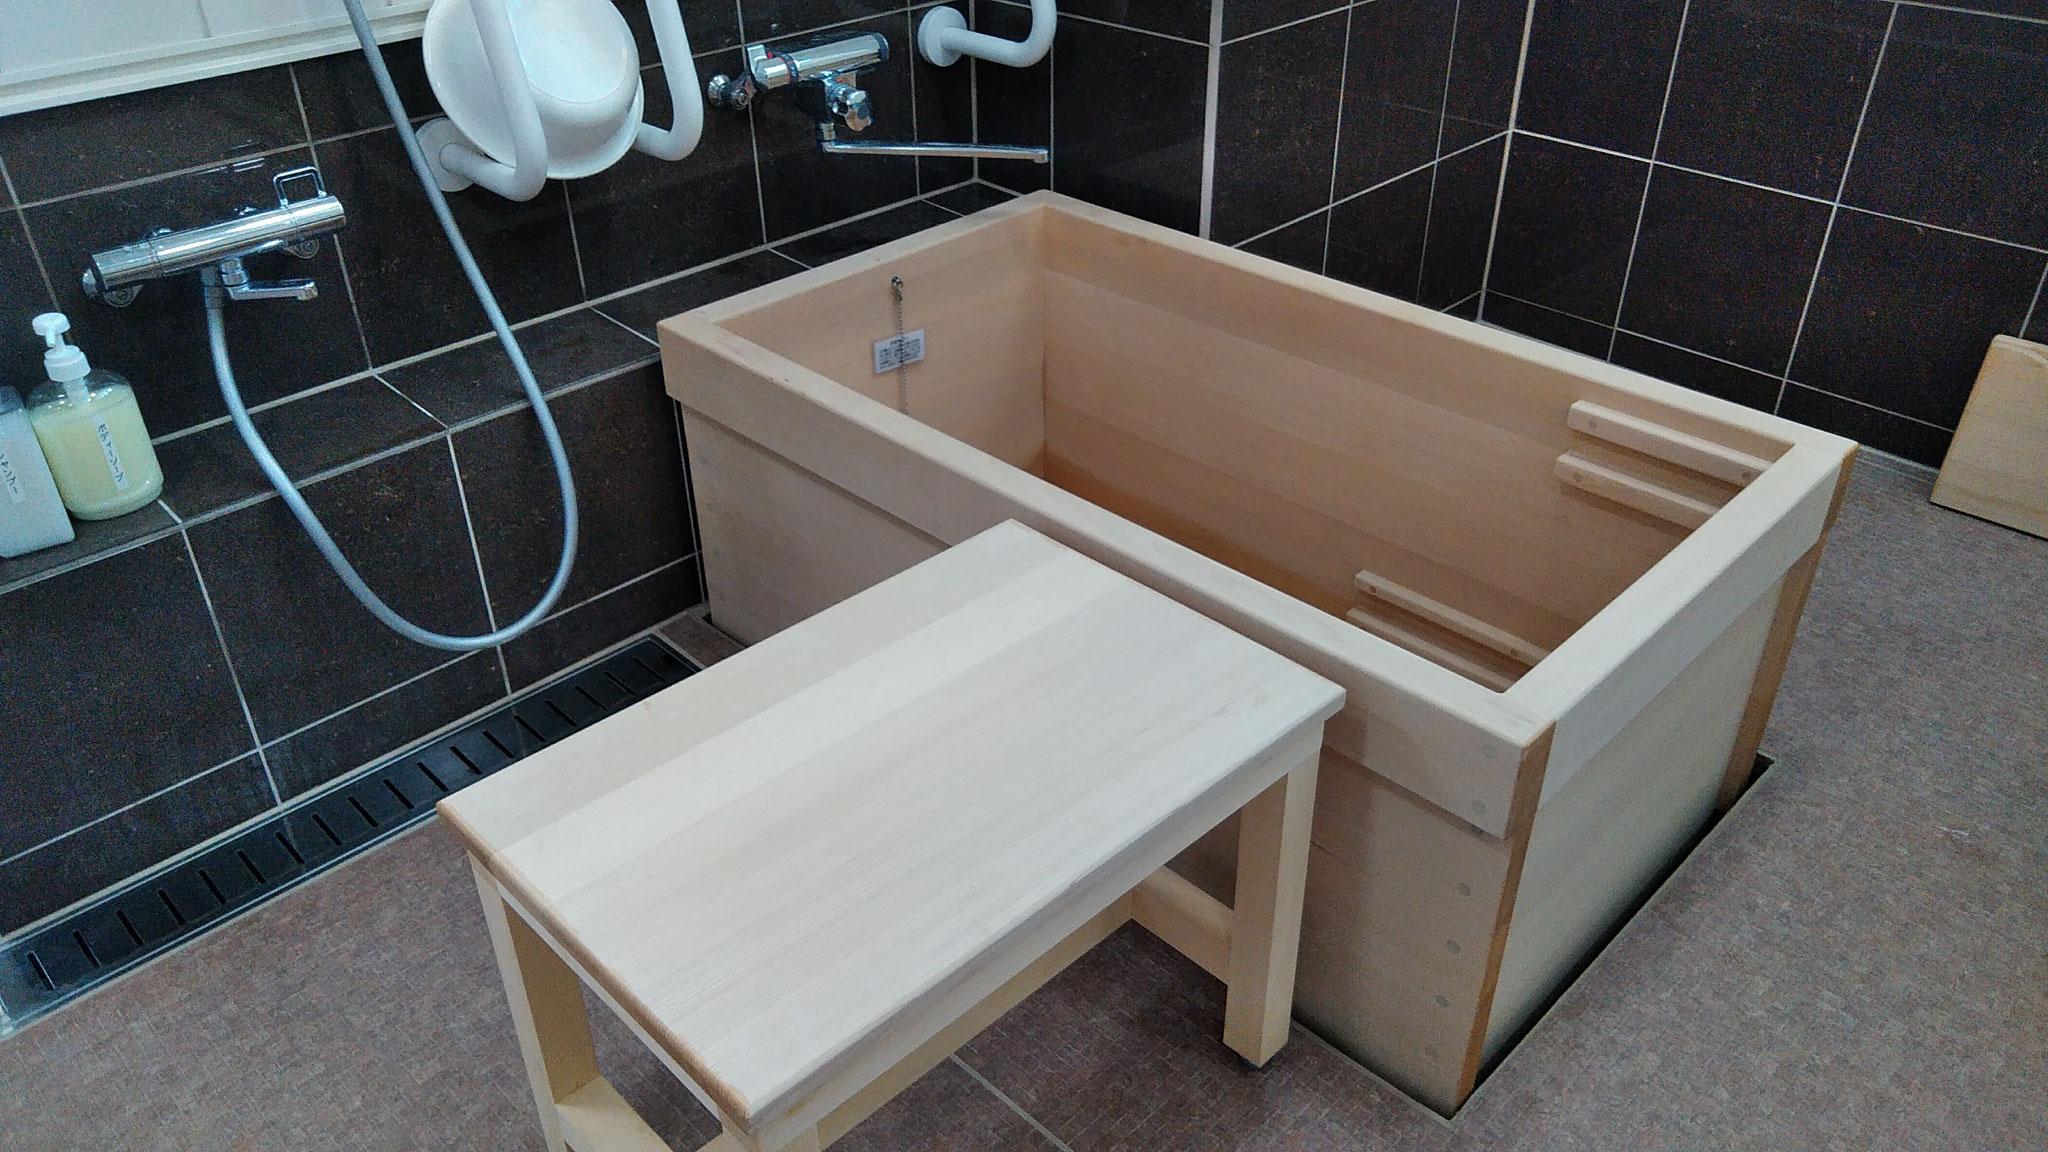 ヒノキのお風呂は気持ちよいですよ!